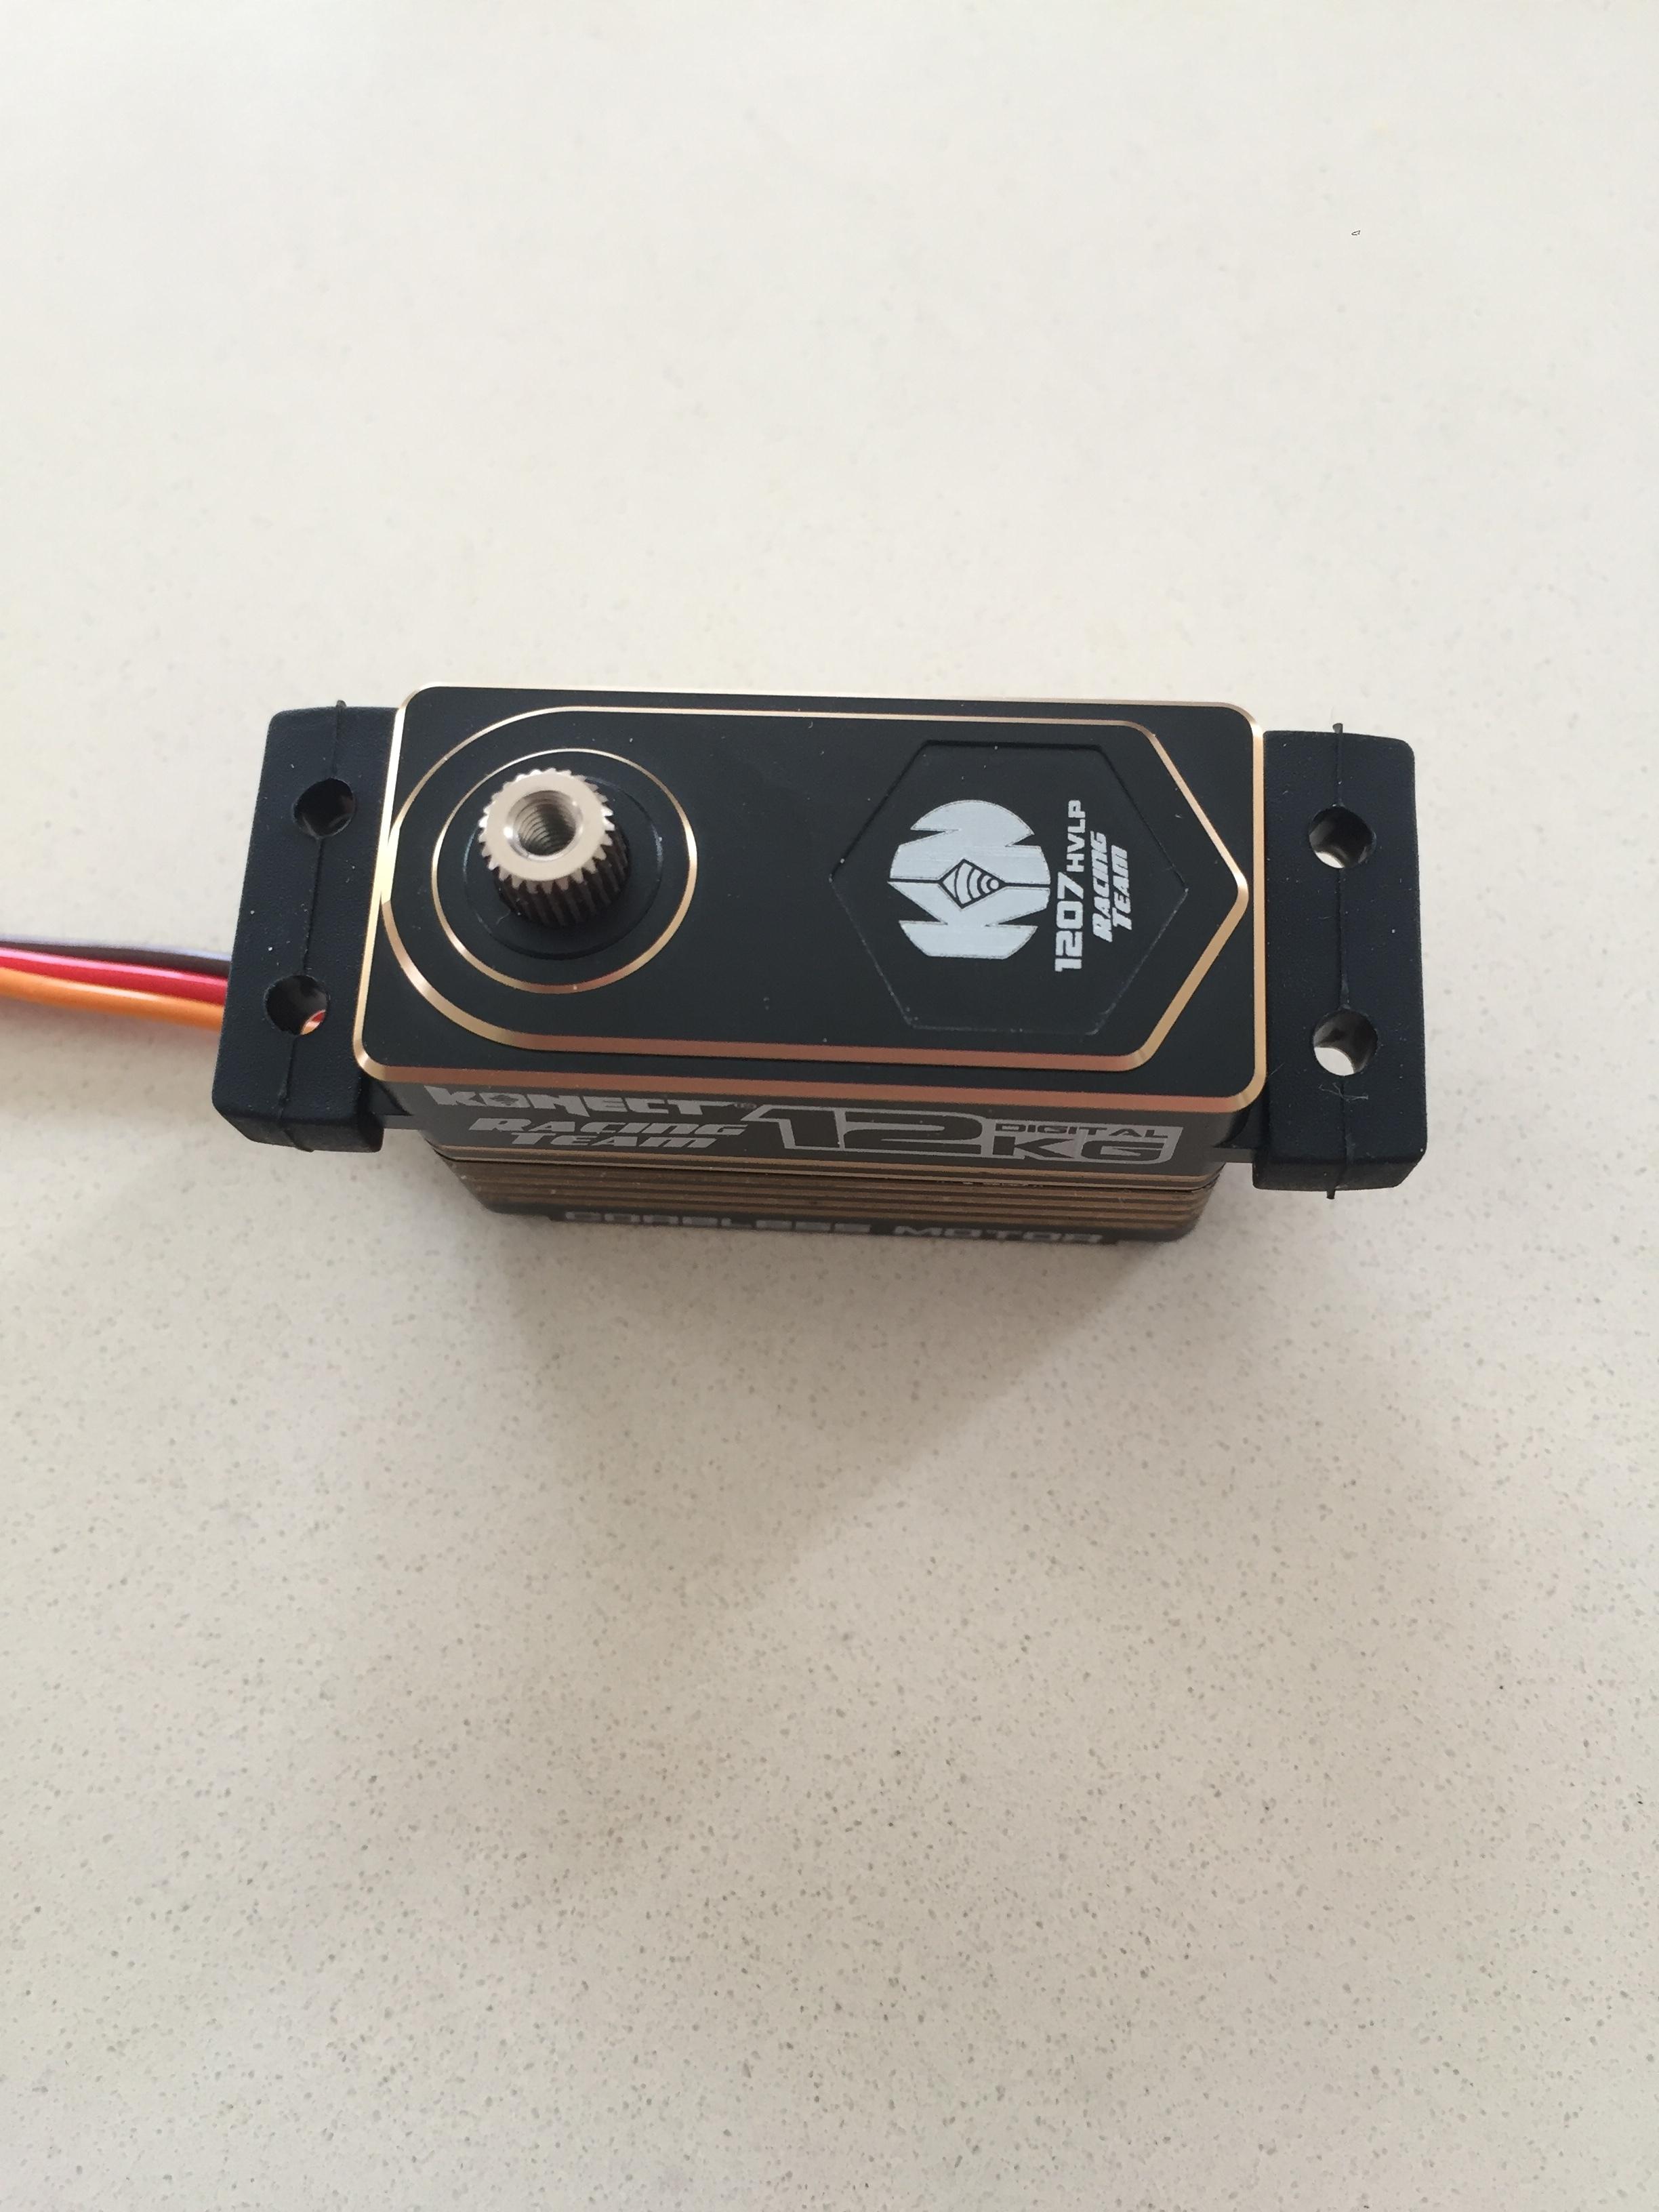 EFA73A6C-9BC9-447C-AF45-1174A01B7941.